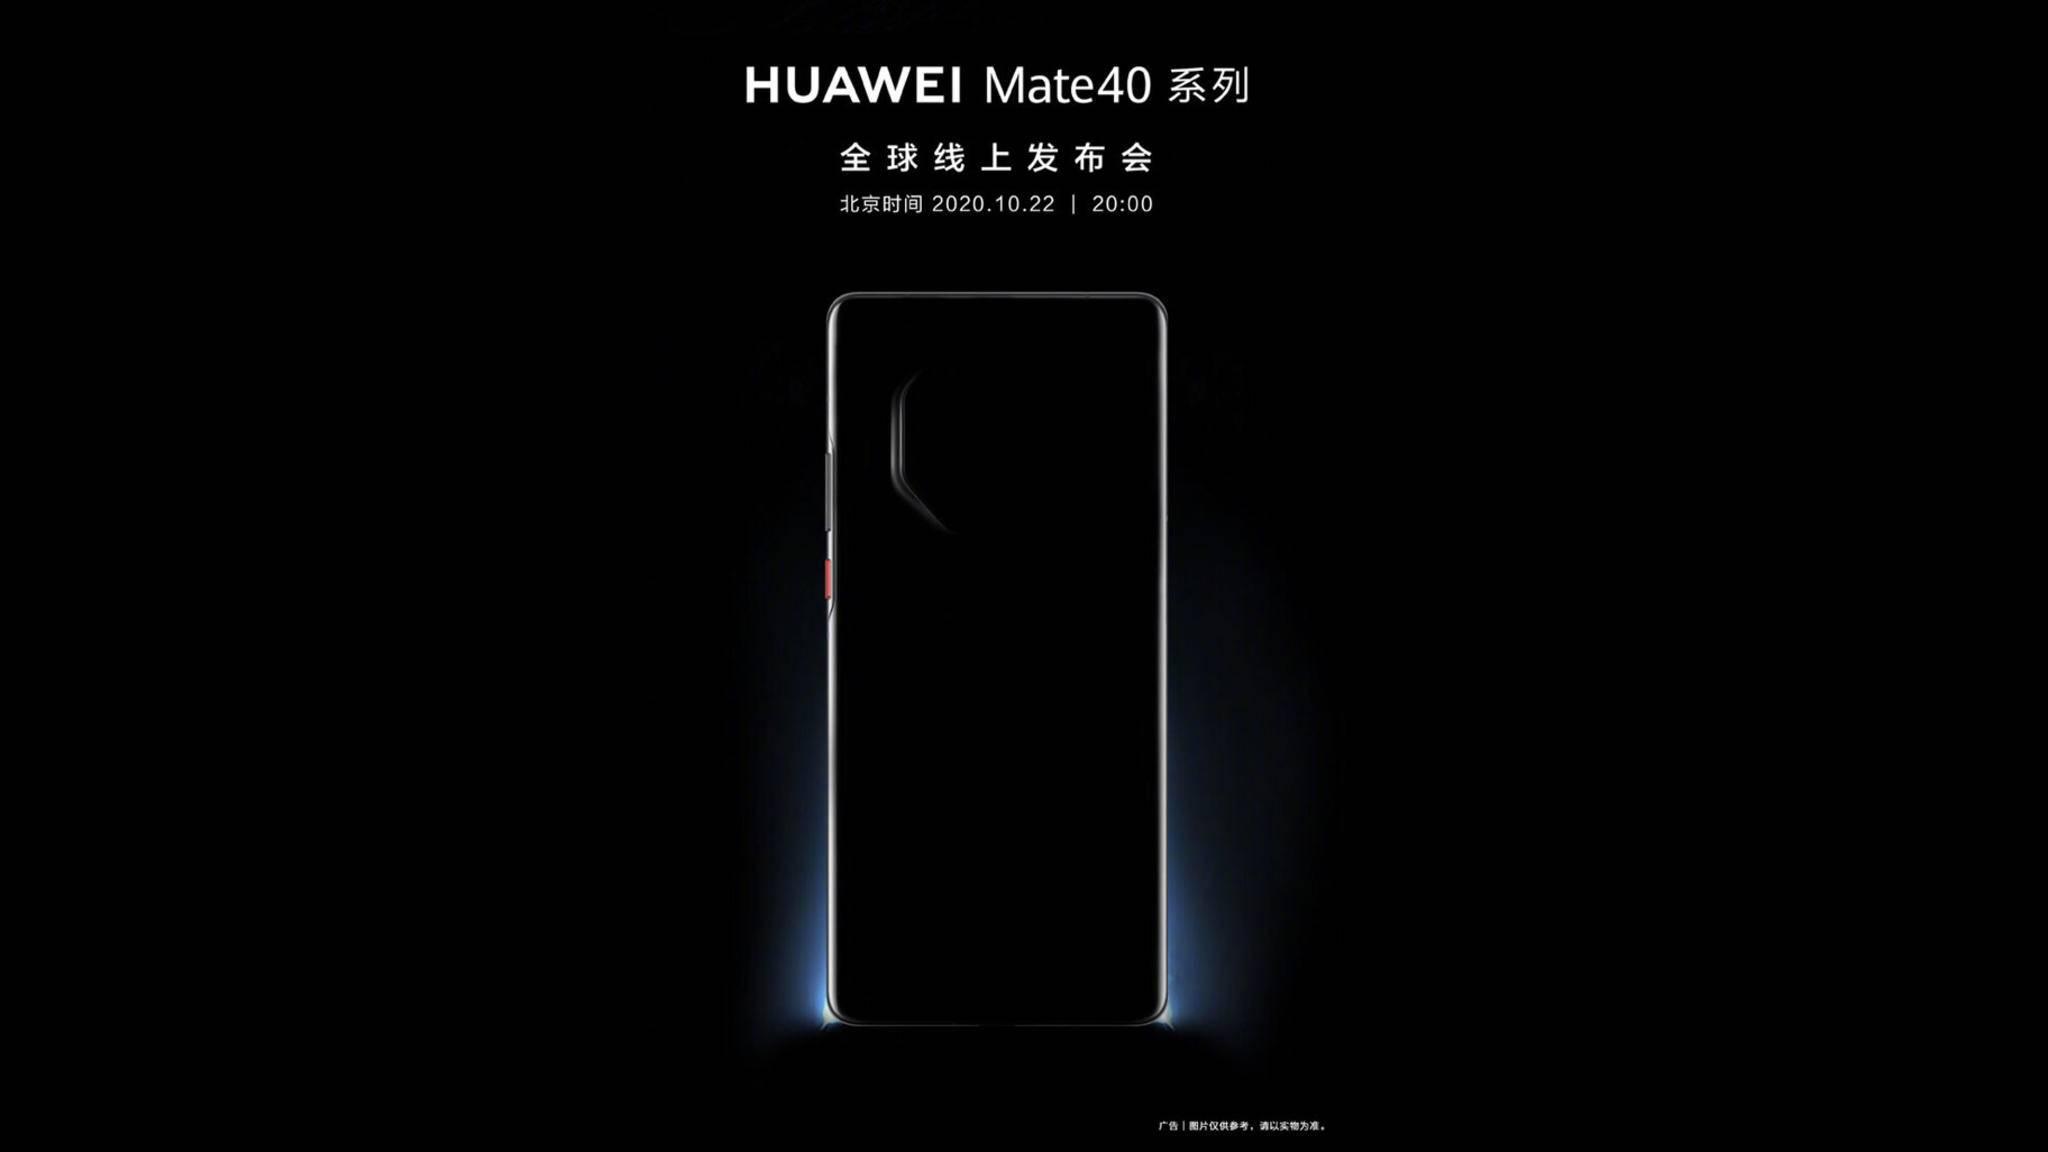 Bekommt das Huawei Mate 40 eine Kamera in Form eines Oktagons?